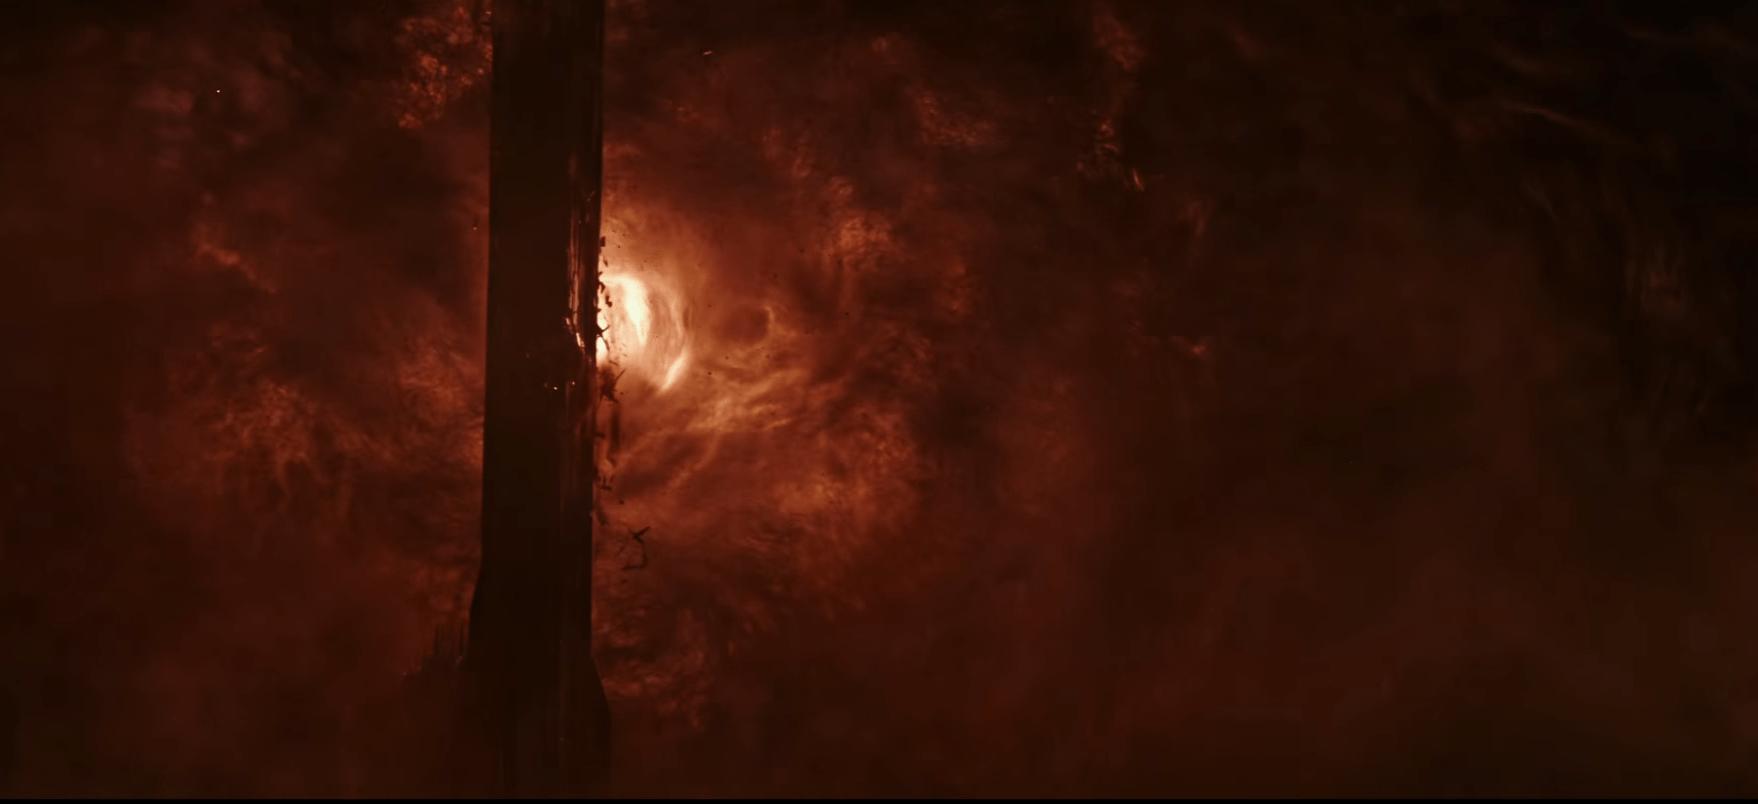 «Тёмная башня»: что показали в трейлере? 7